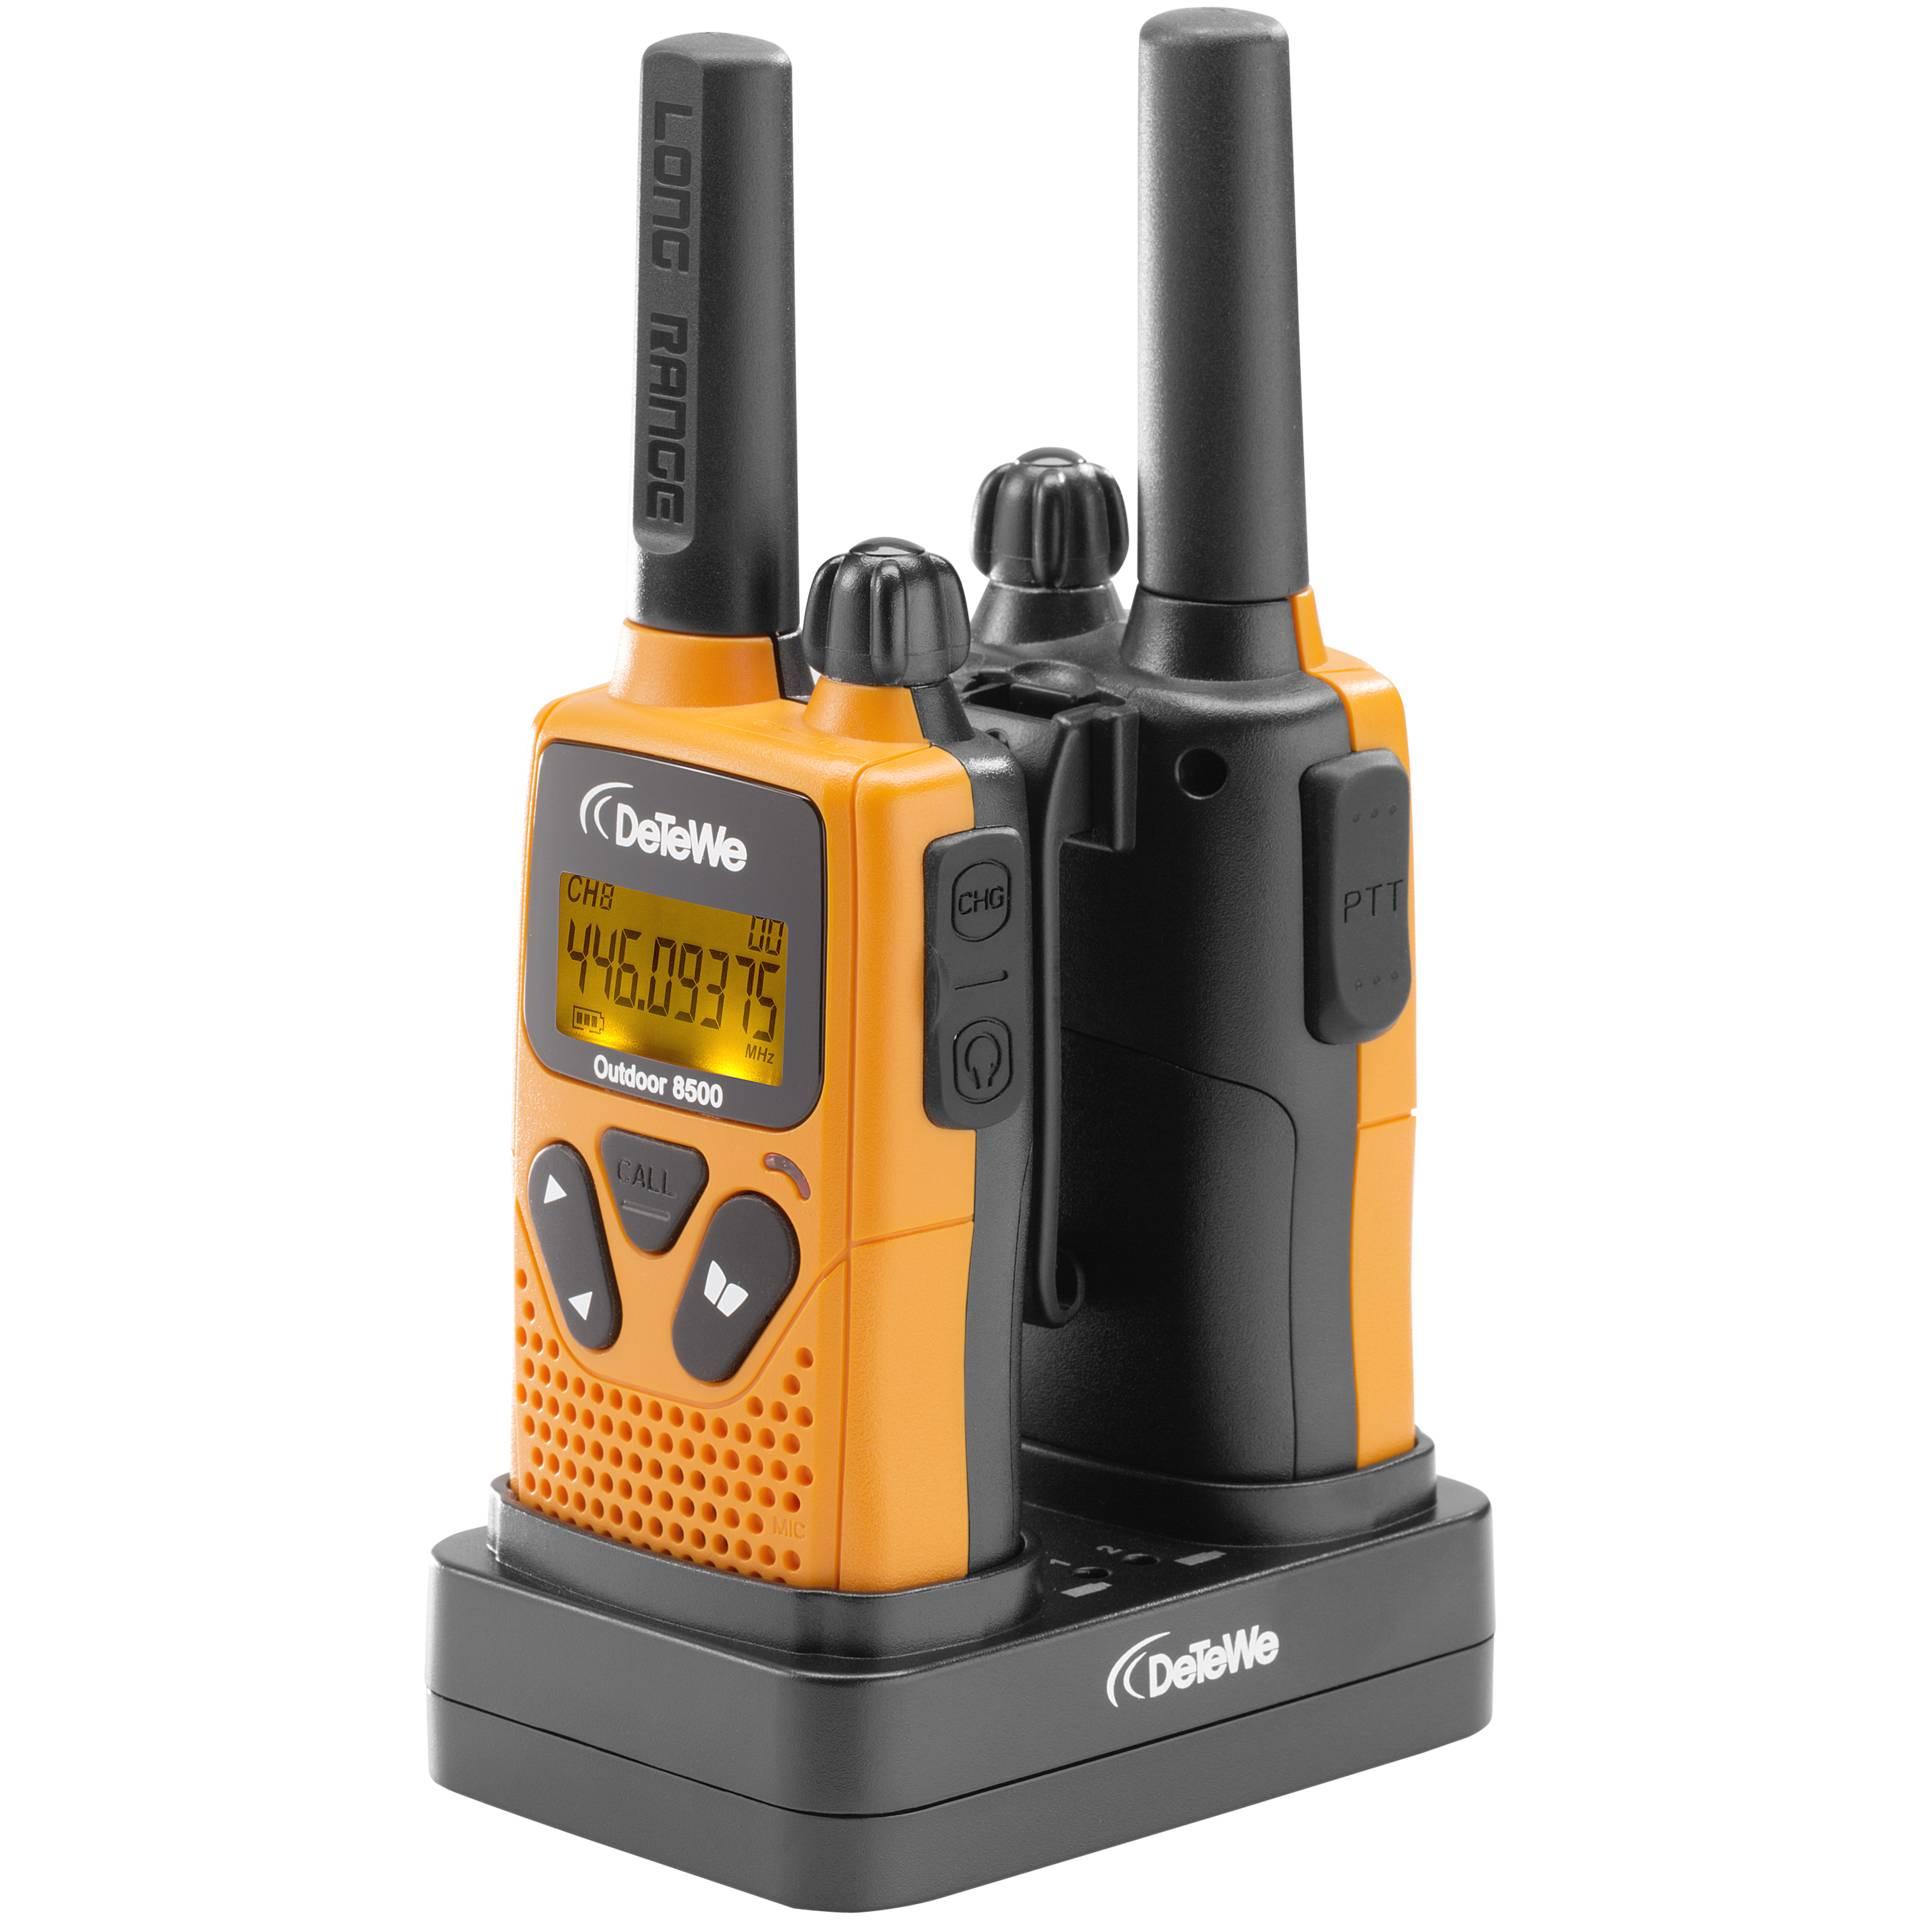 DeTeWe Outdoor 8500 PMR-Funkgerät